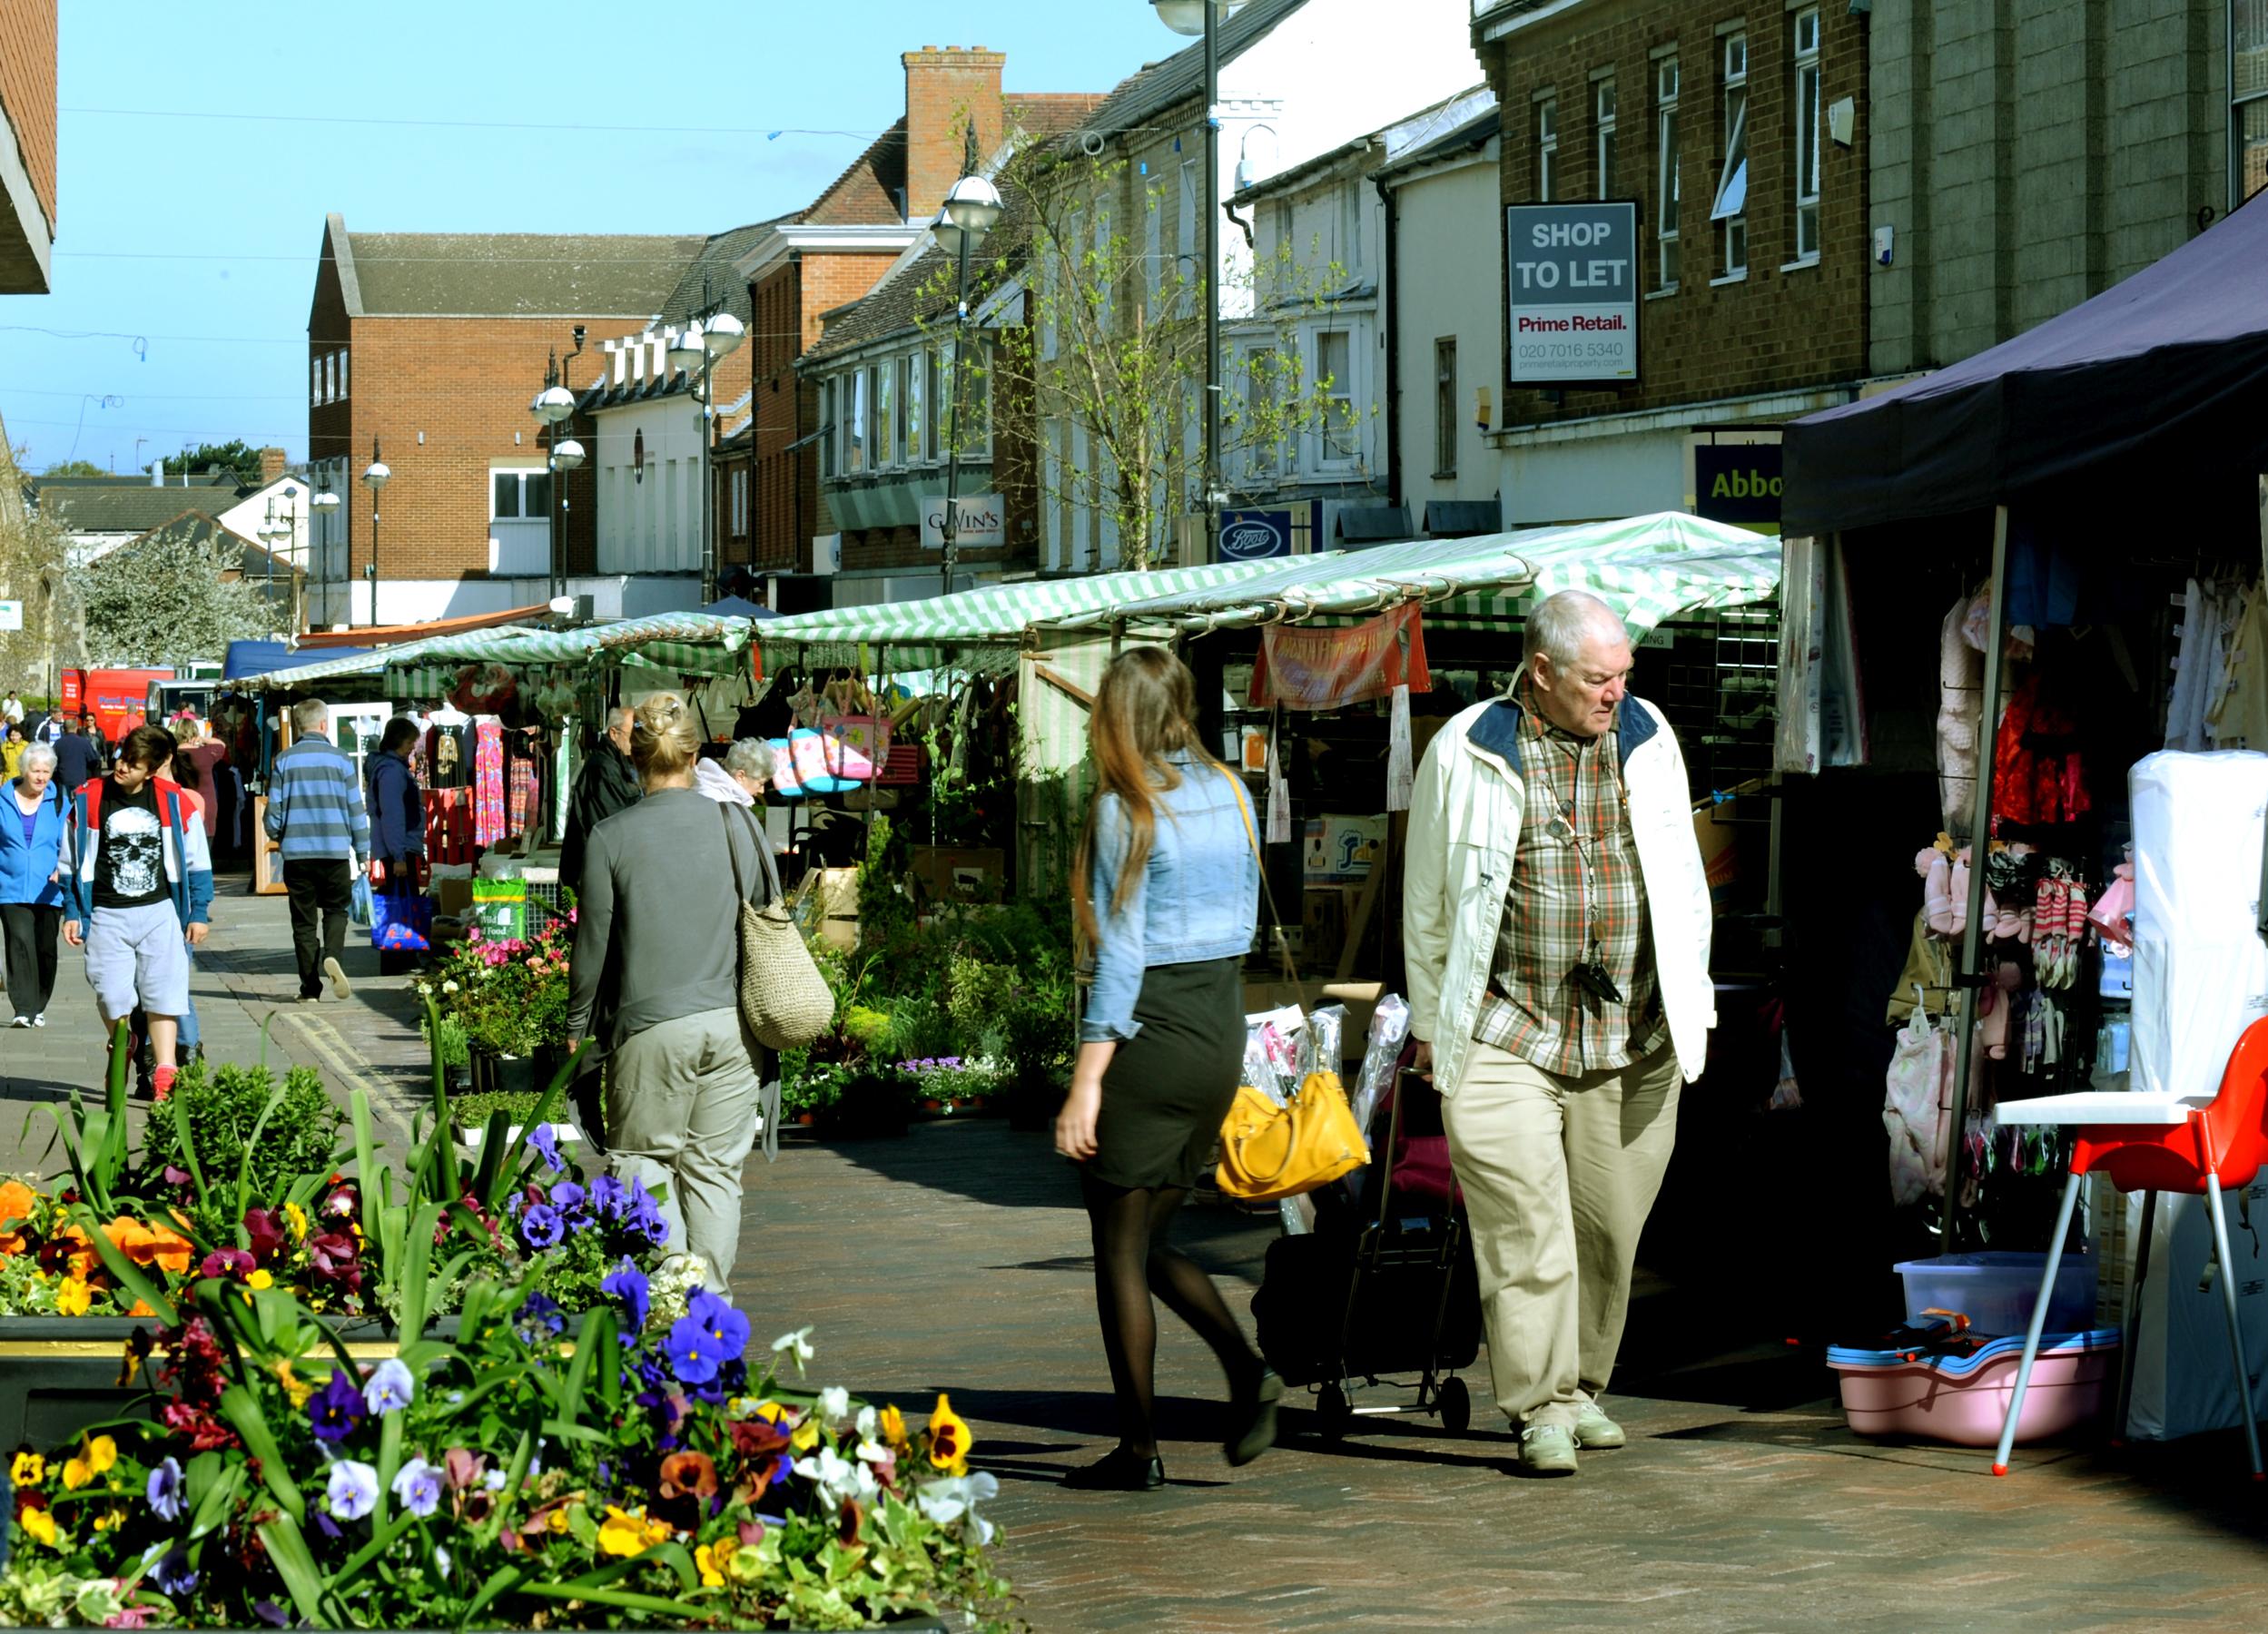 Haverhill Market